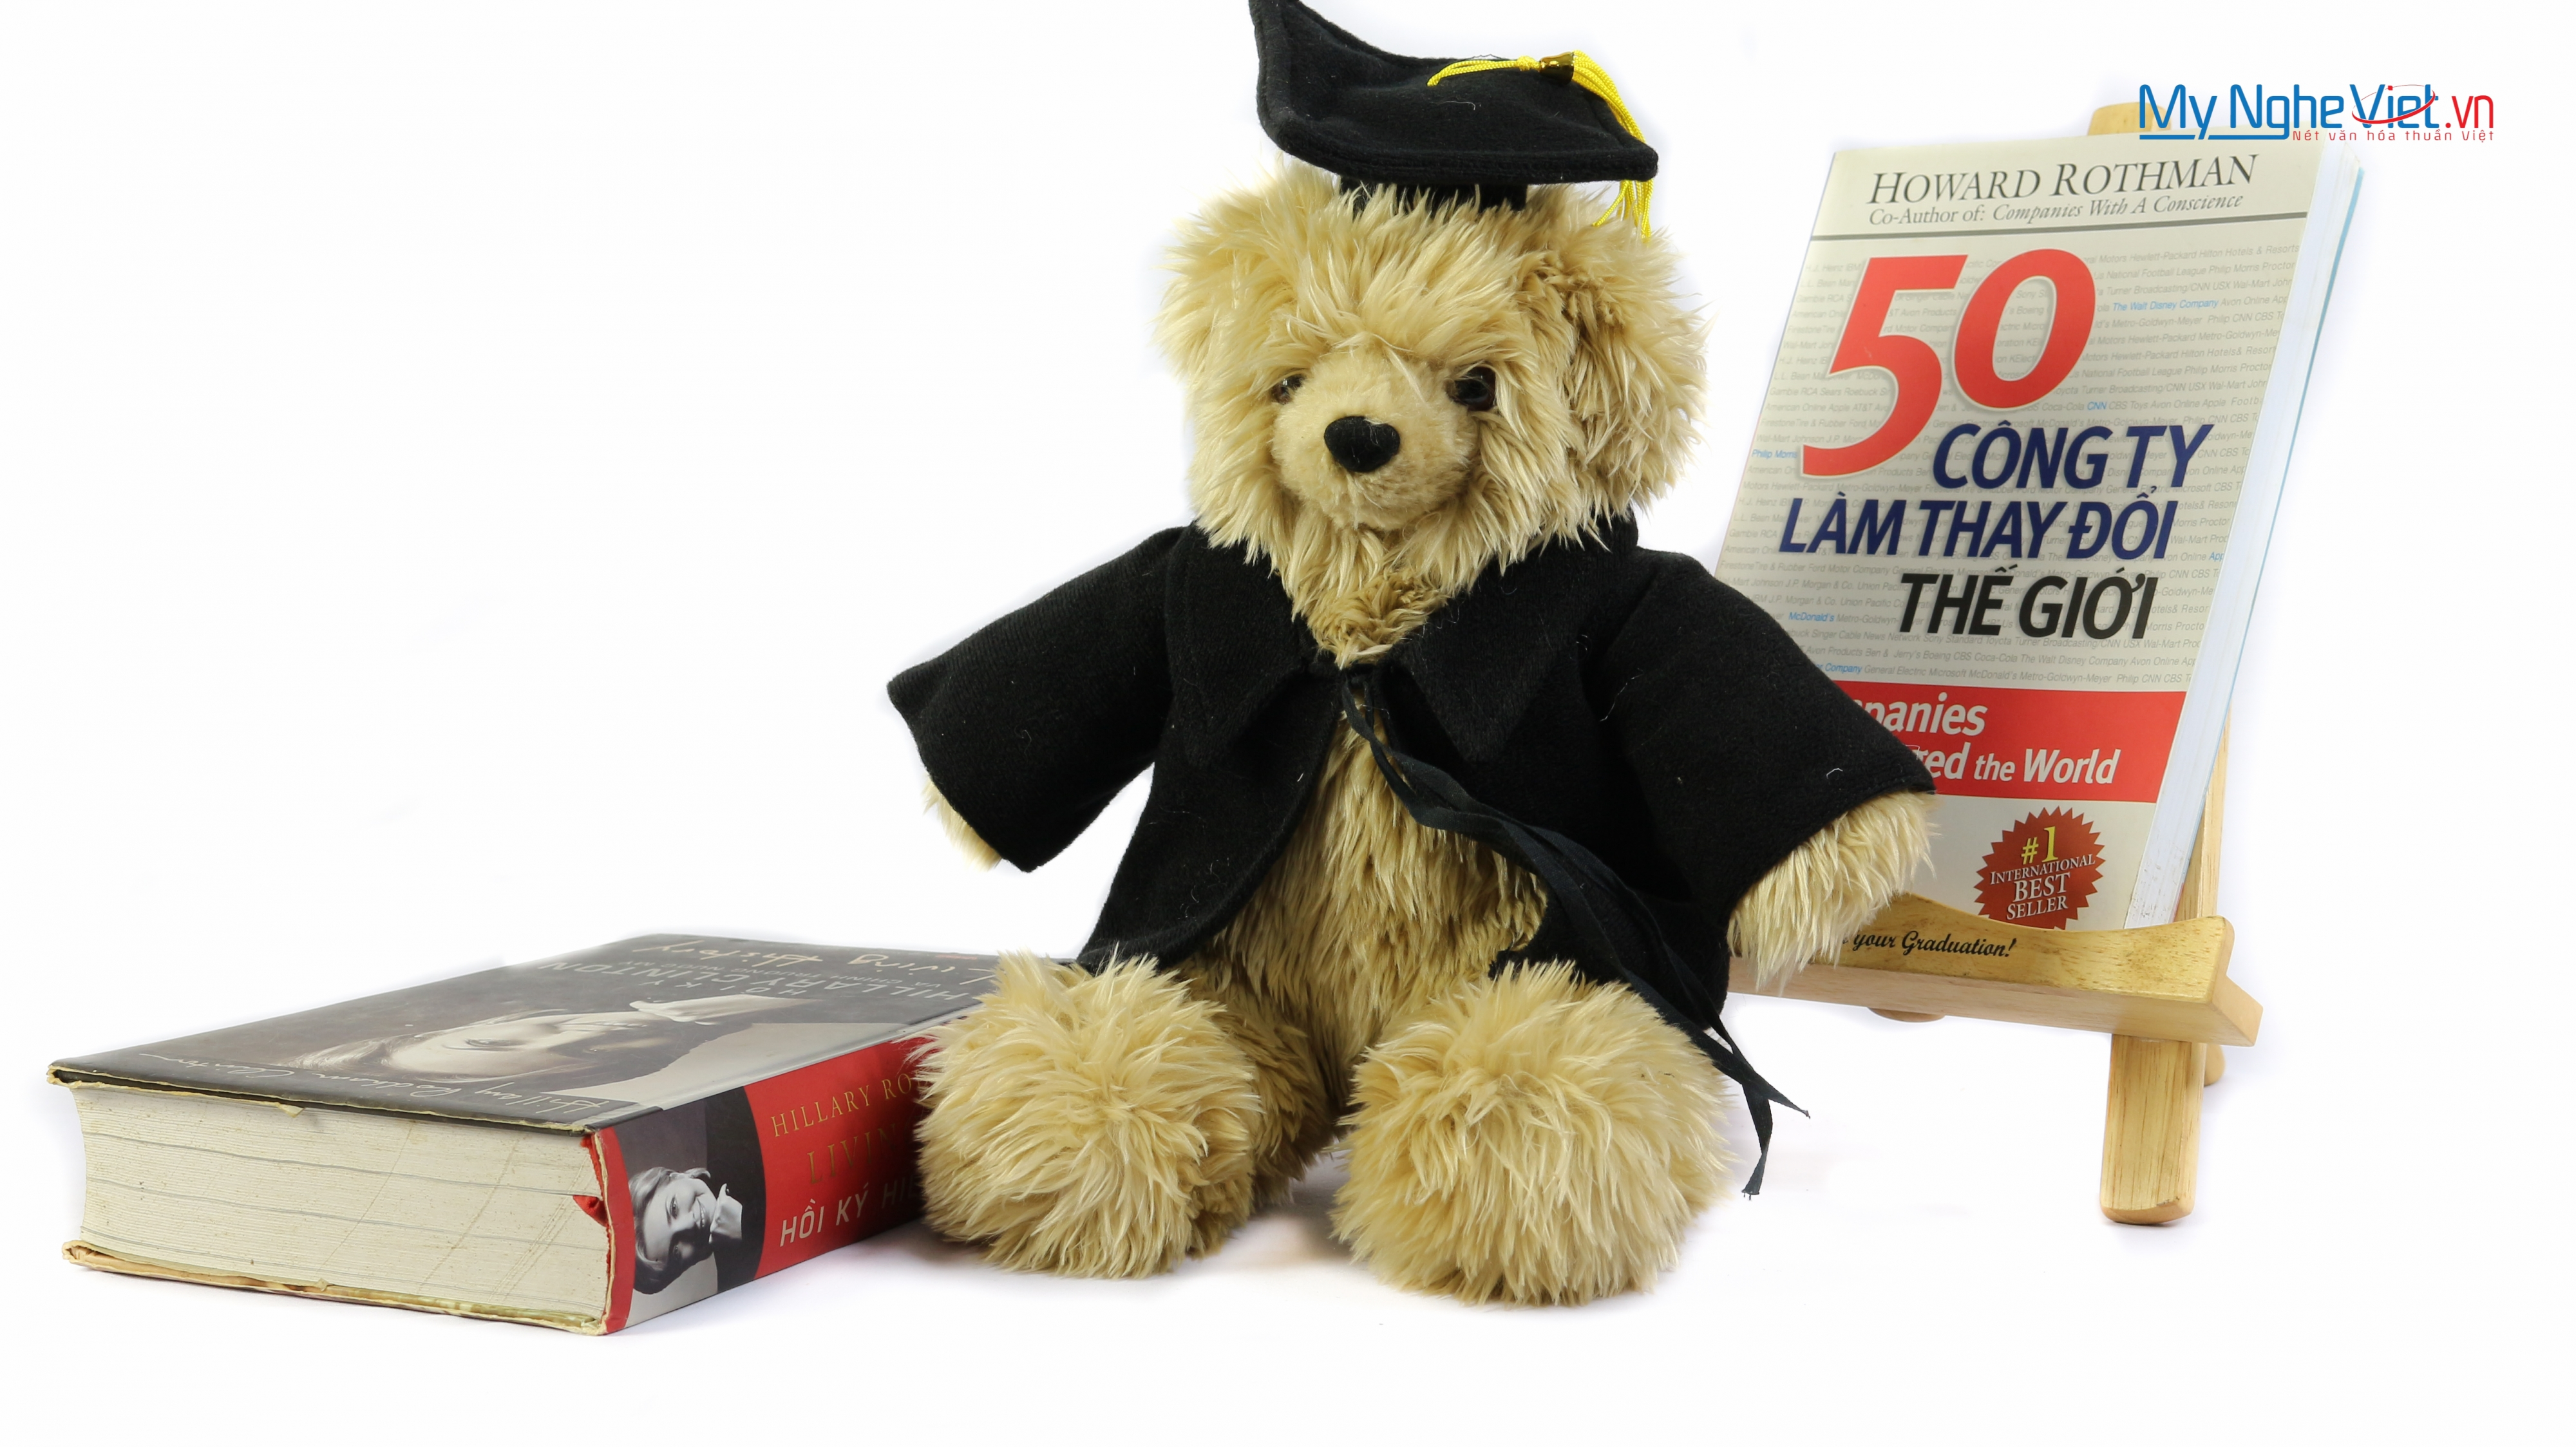 Gấu tốt nghiệp mặc vest